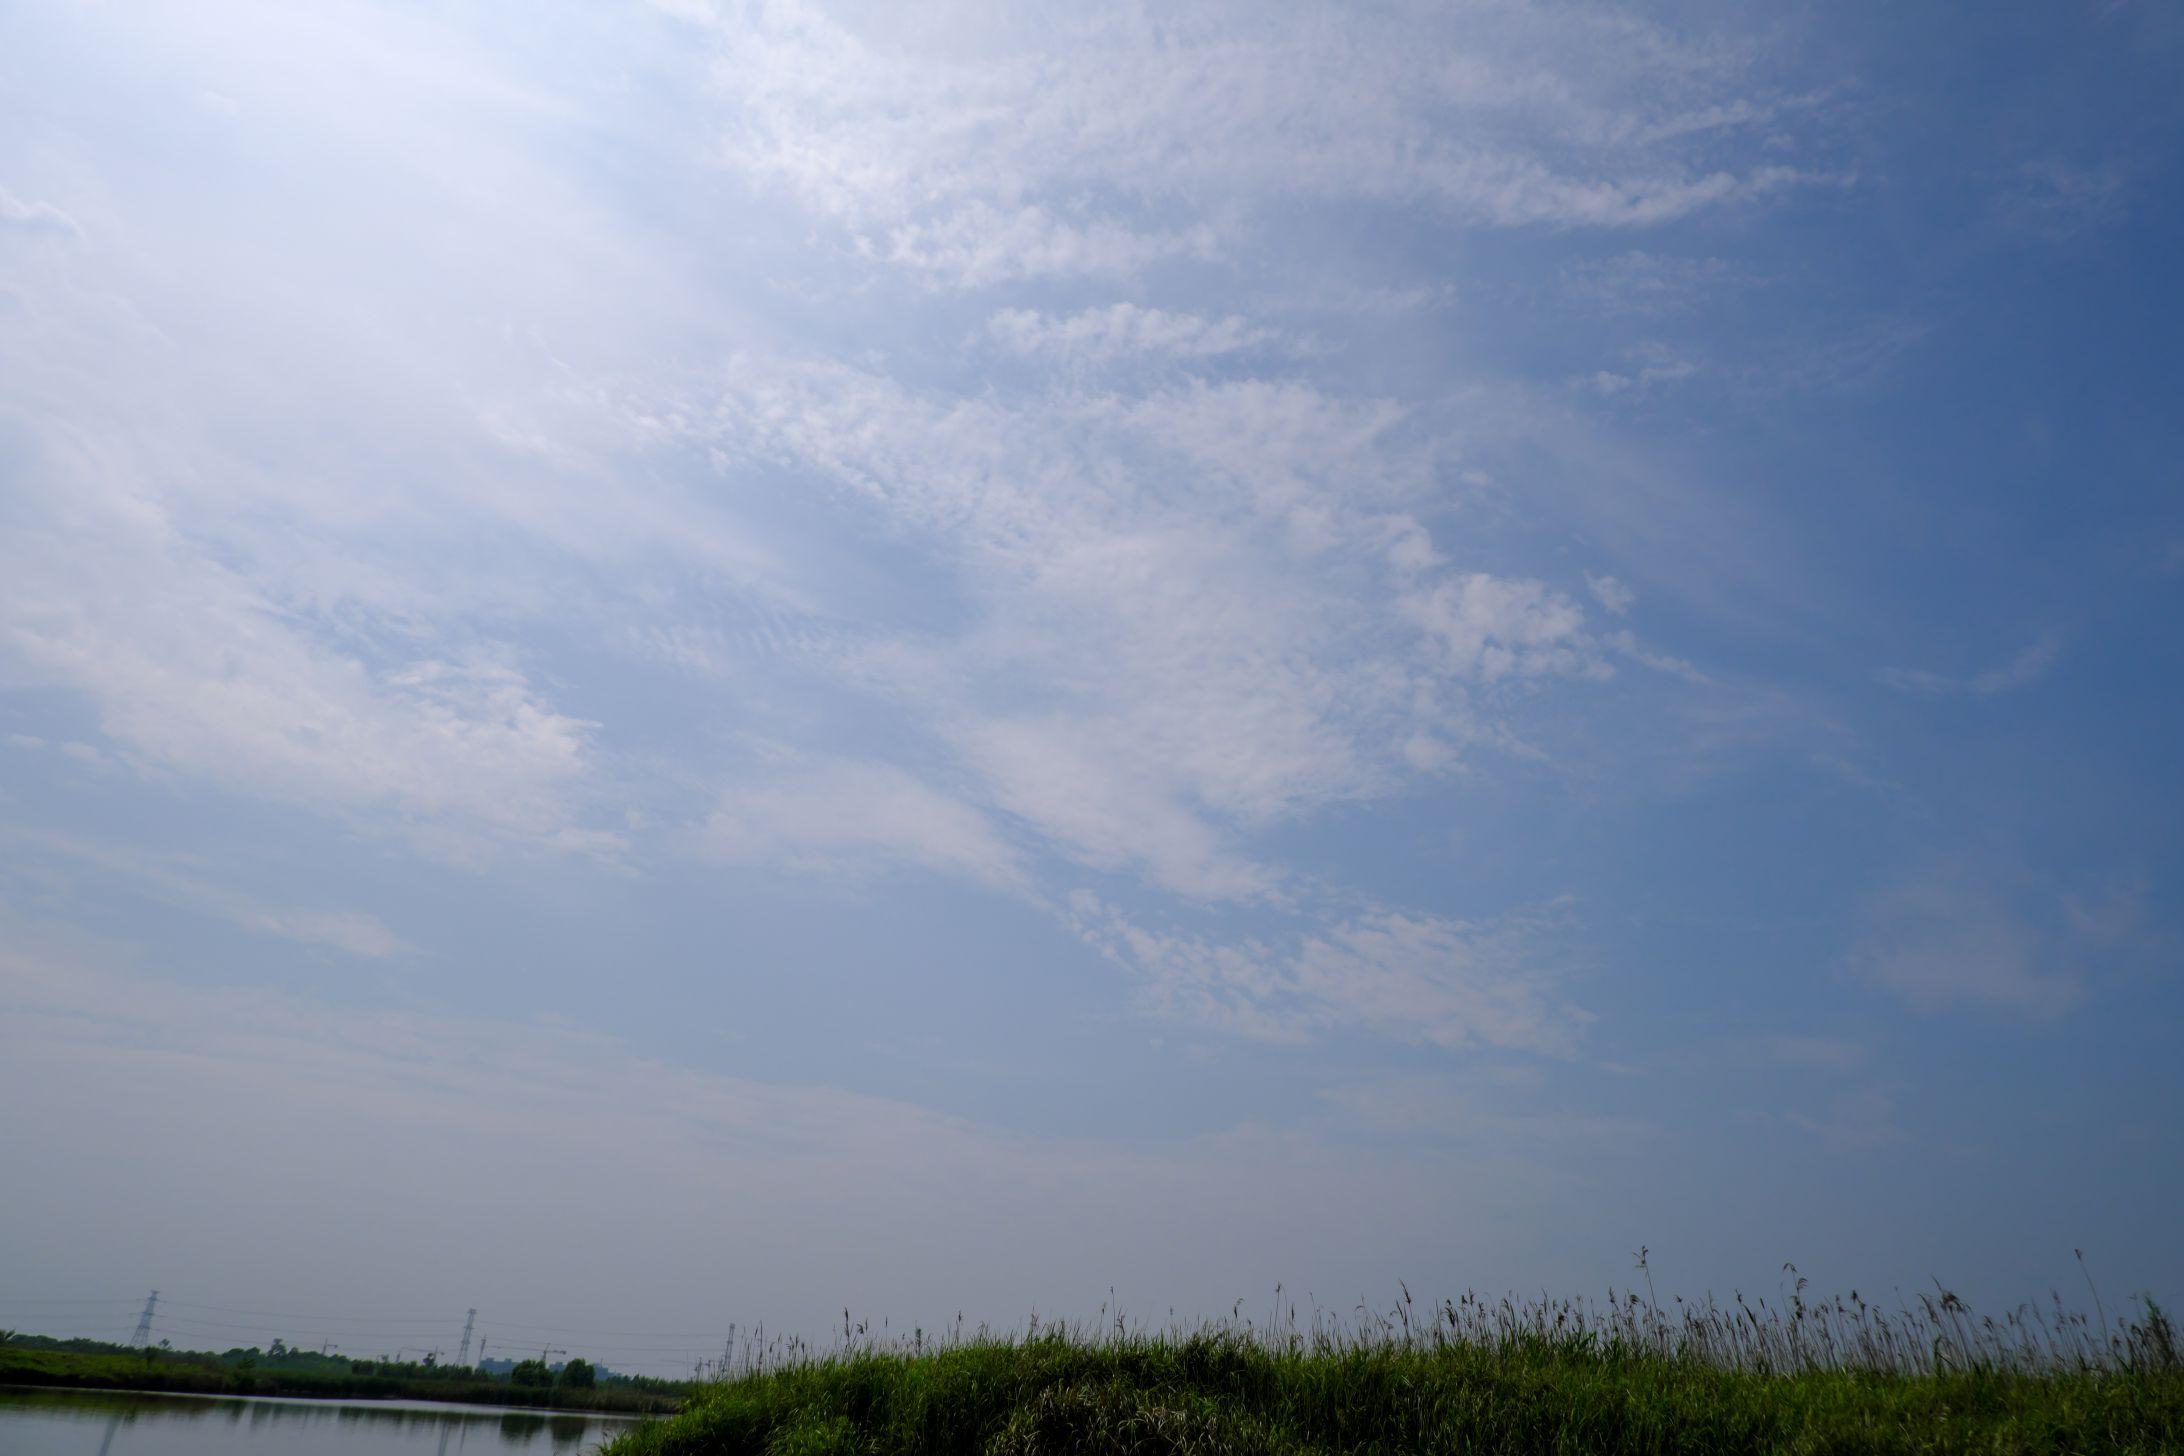 湿地上的蓝天照片背景下载